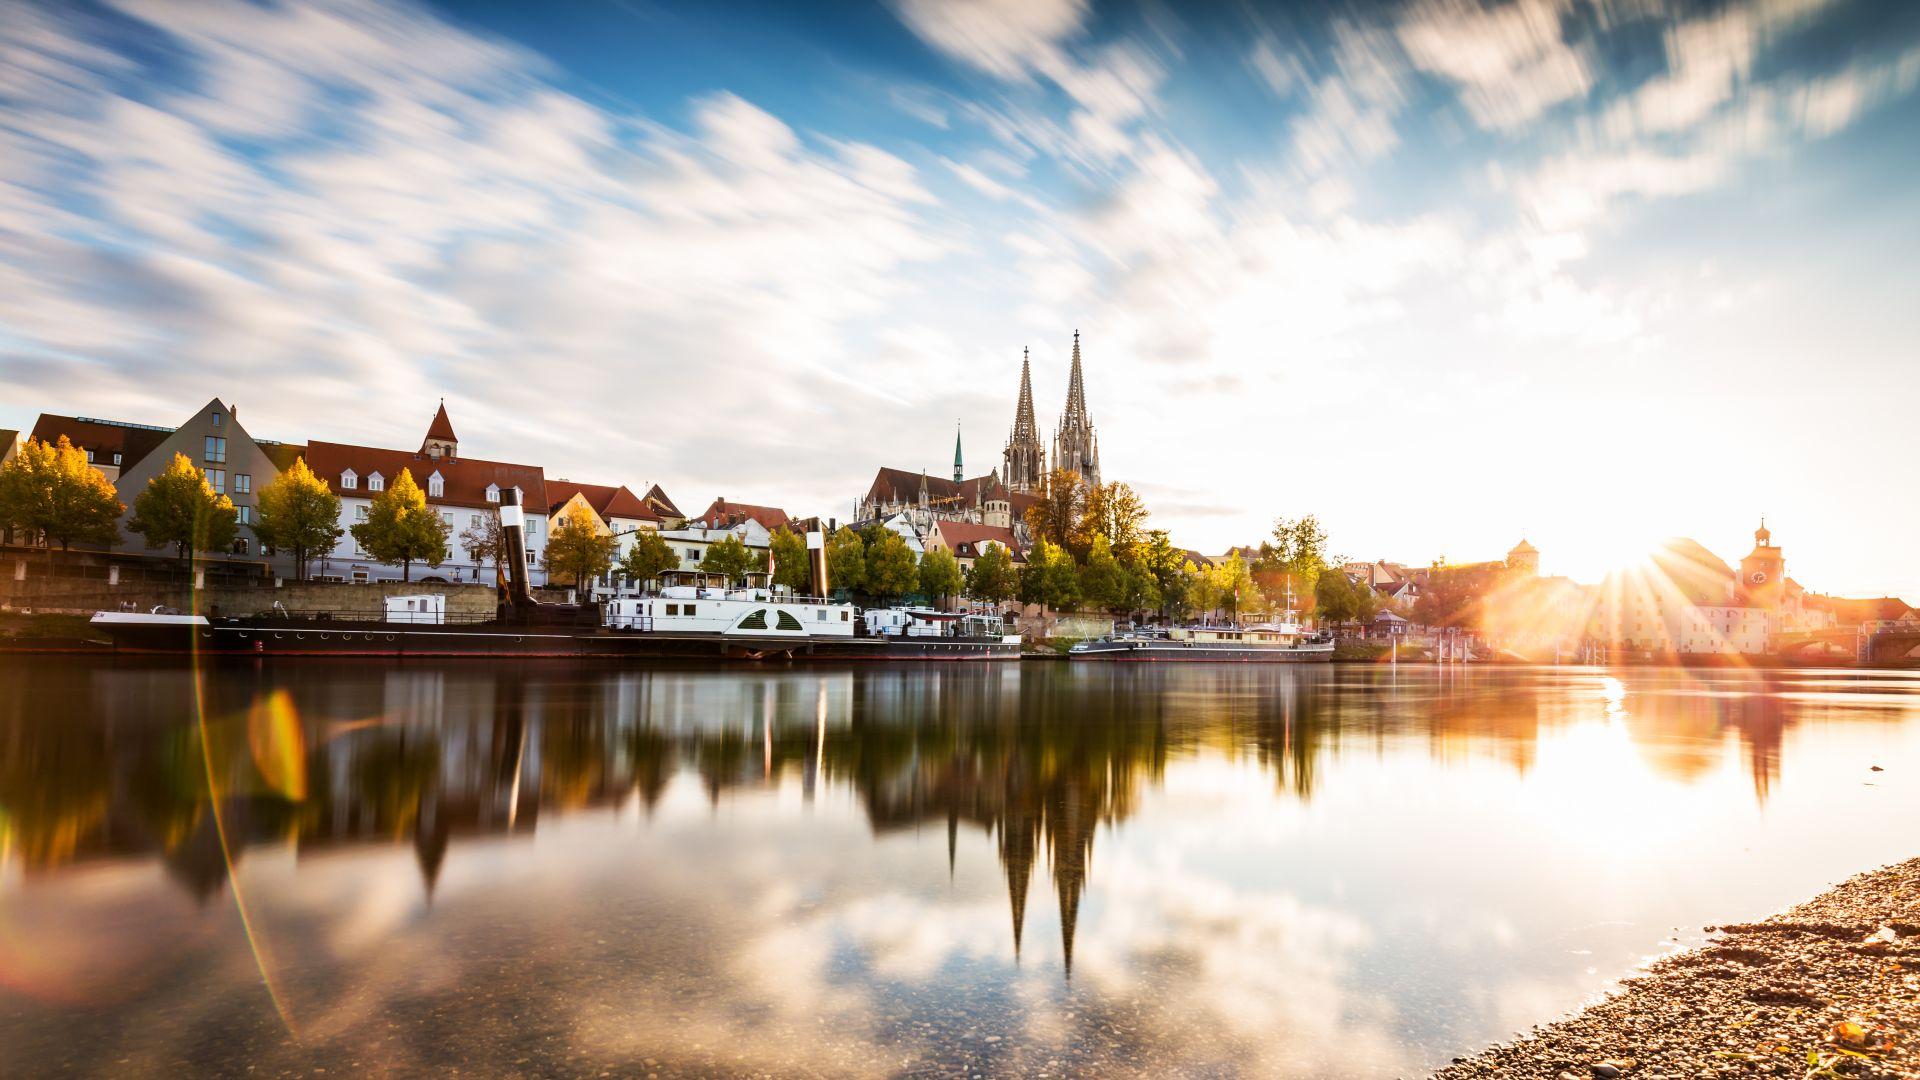 Regensburg: Donau und Skyline im Sonnenuntergang